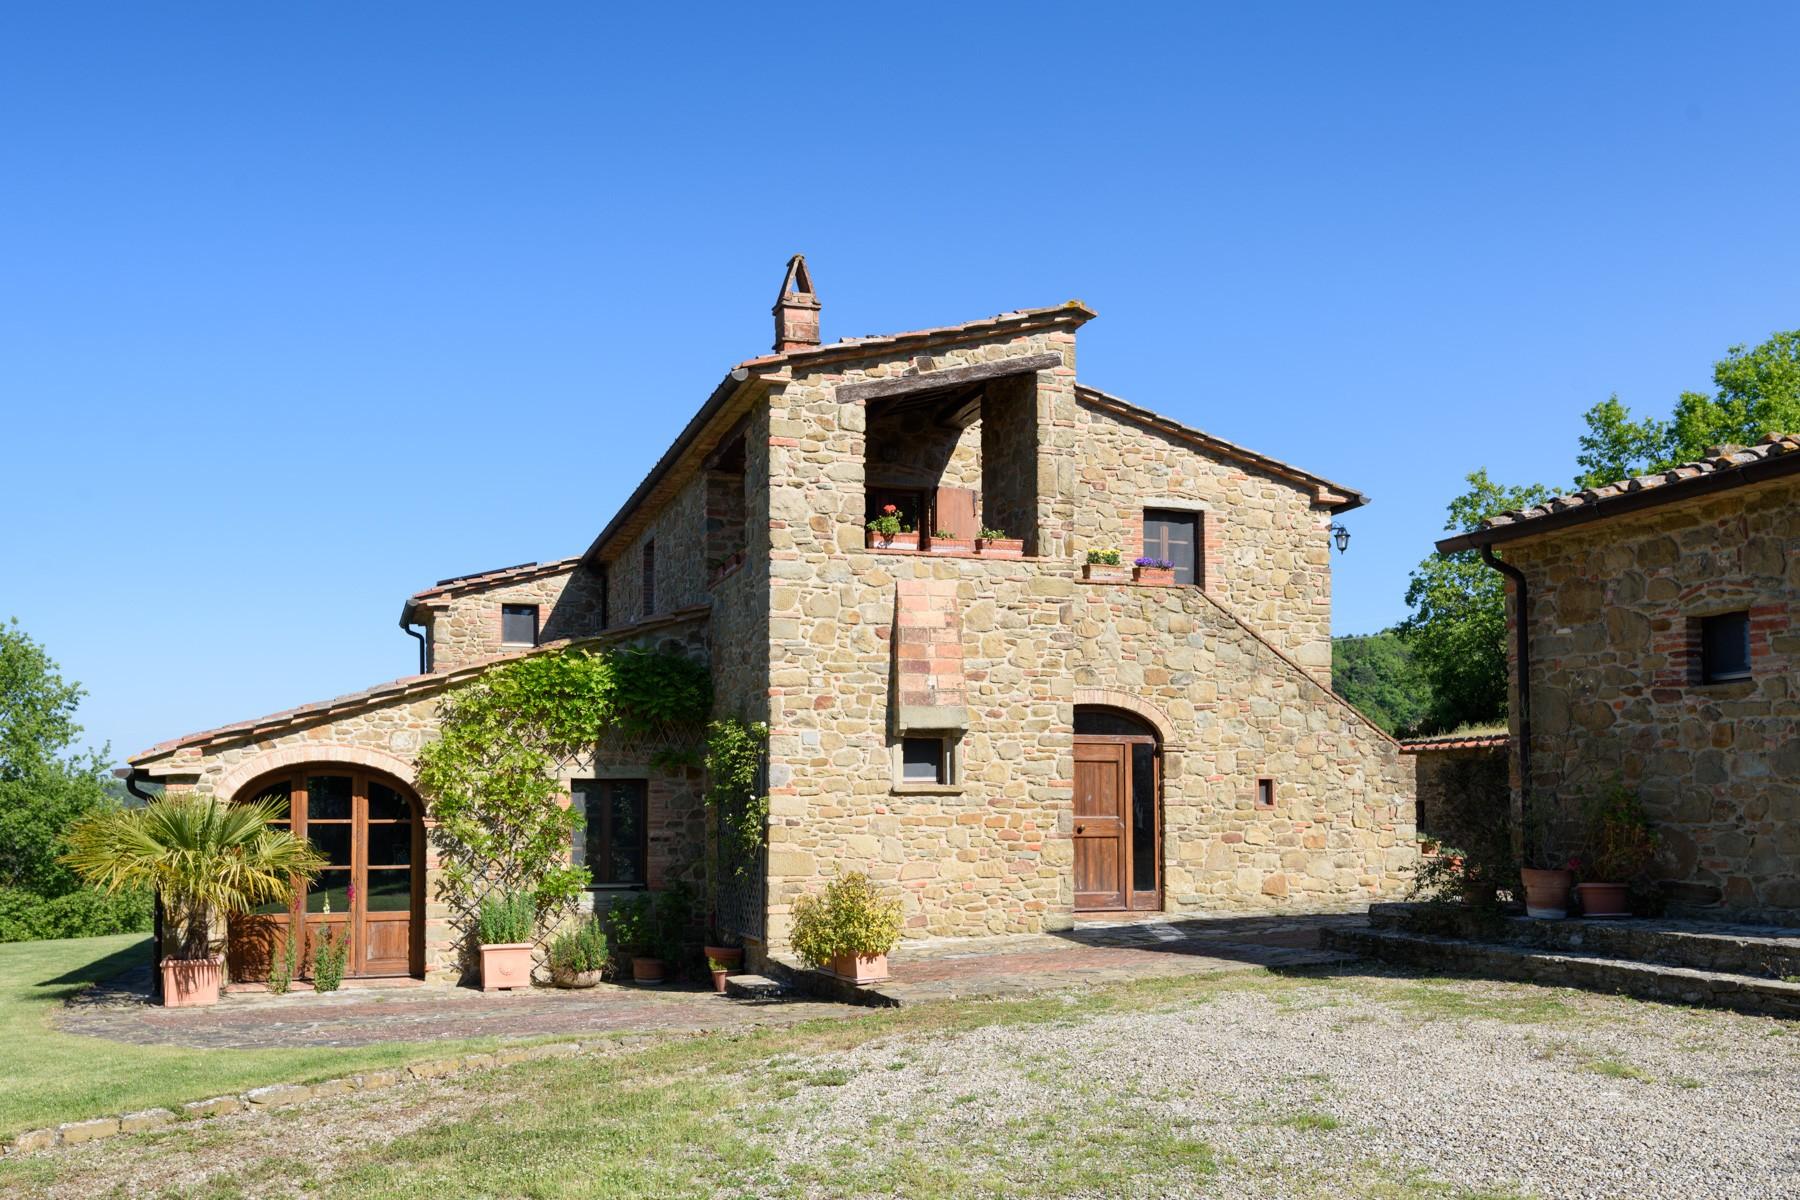 Rustico in Vendita a Monte San Savino: 5 locali, 266 mq - Foto 3